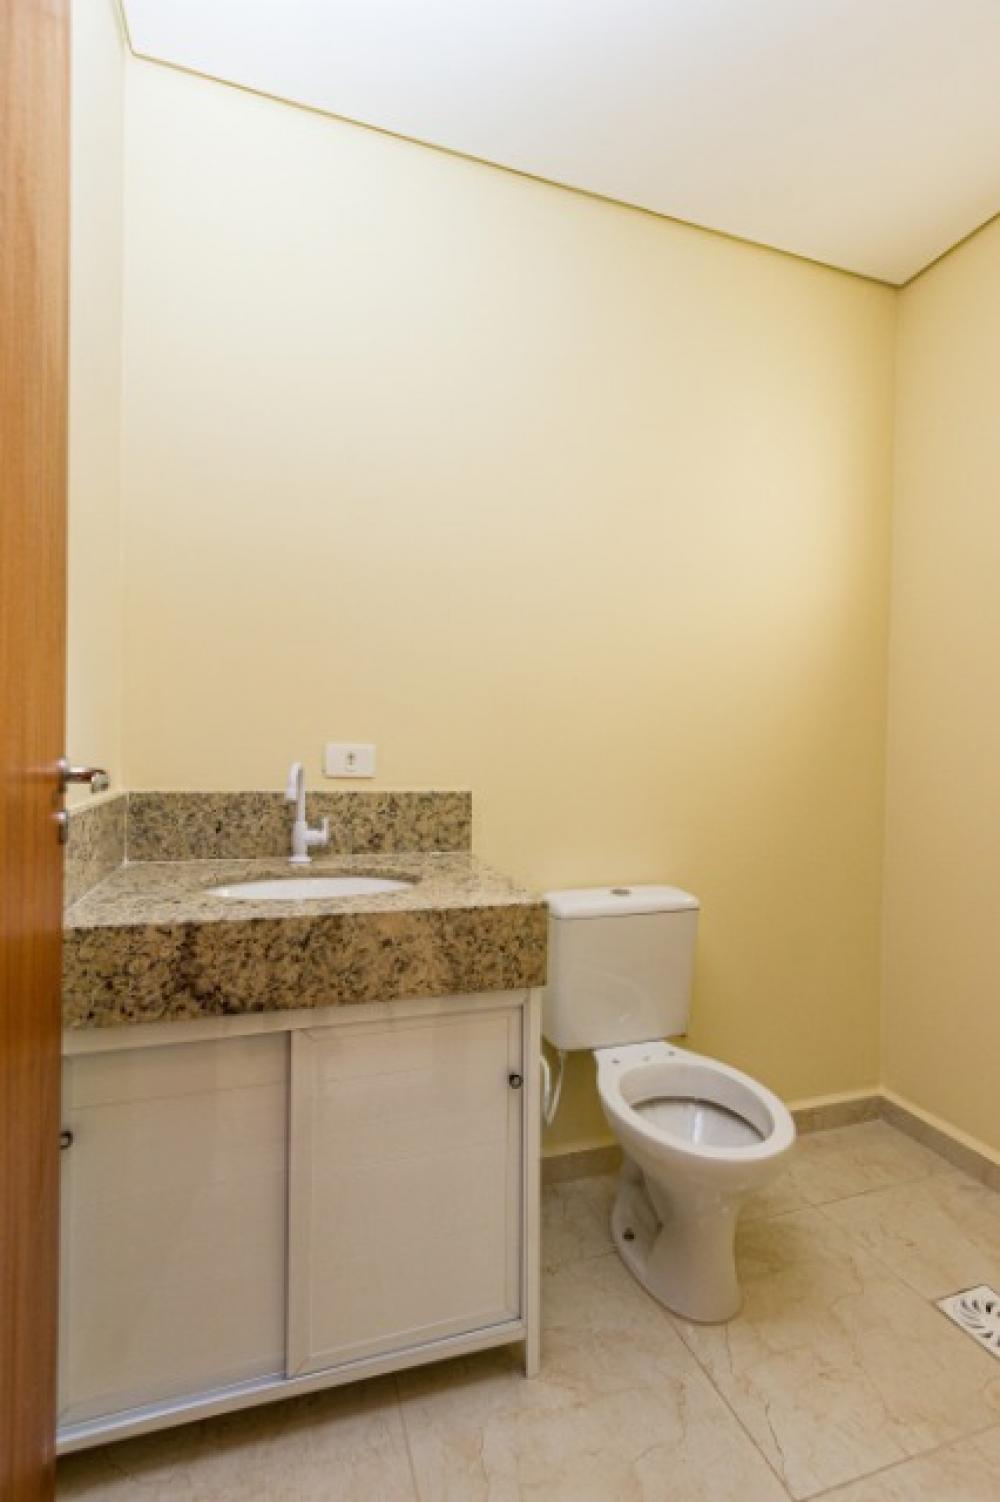 Lindo sobrado (1° locação) contendo 03 dormitórios, sendo 01 suíte, banheiro social ampla sala 02 ambientes com lavabo e área de luz, cozinha estilo americana com gabinete, lavanderia coberta, amplo quintal, 02 vagas de garagem. OPORTUNIDADE